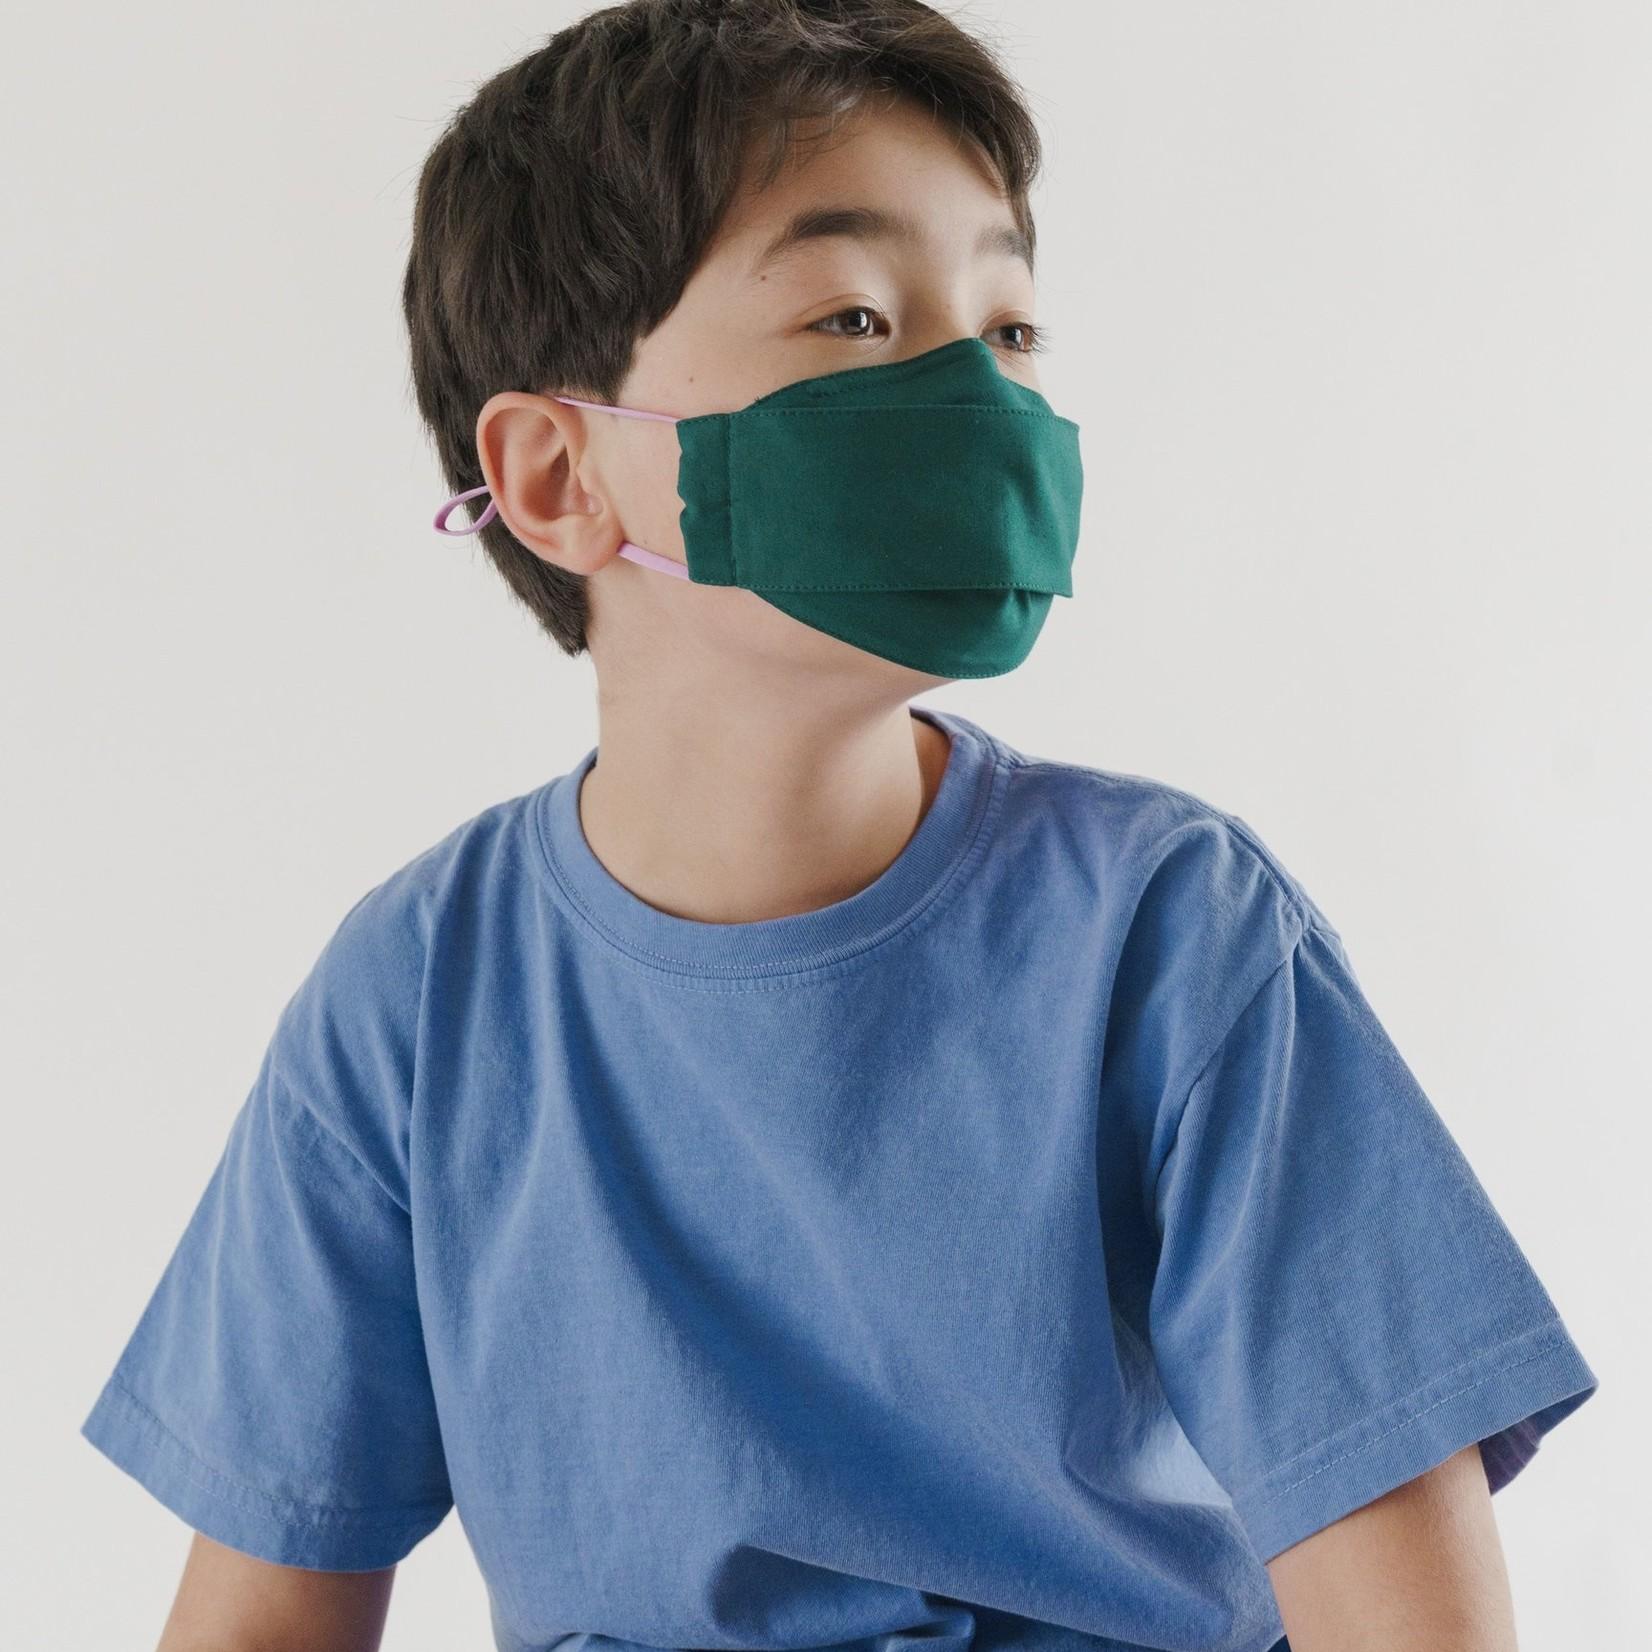 Baggu Baggu Kids' Fabric Mask Set of 3- Loop Juniper